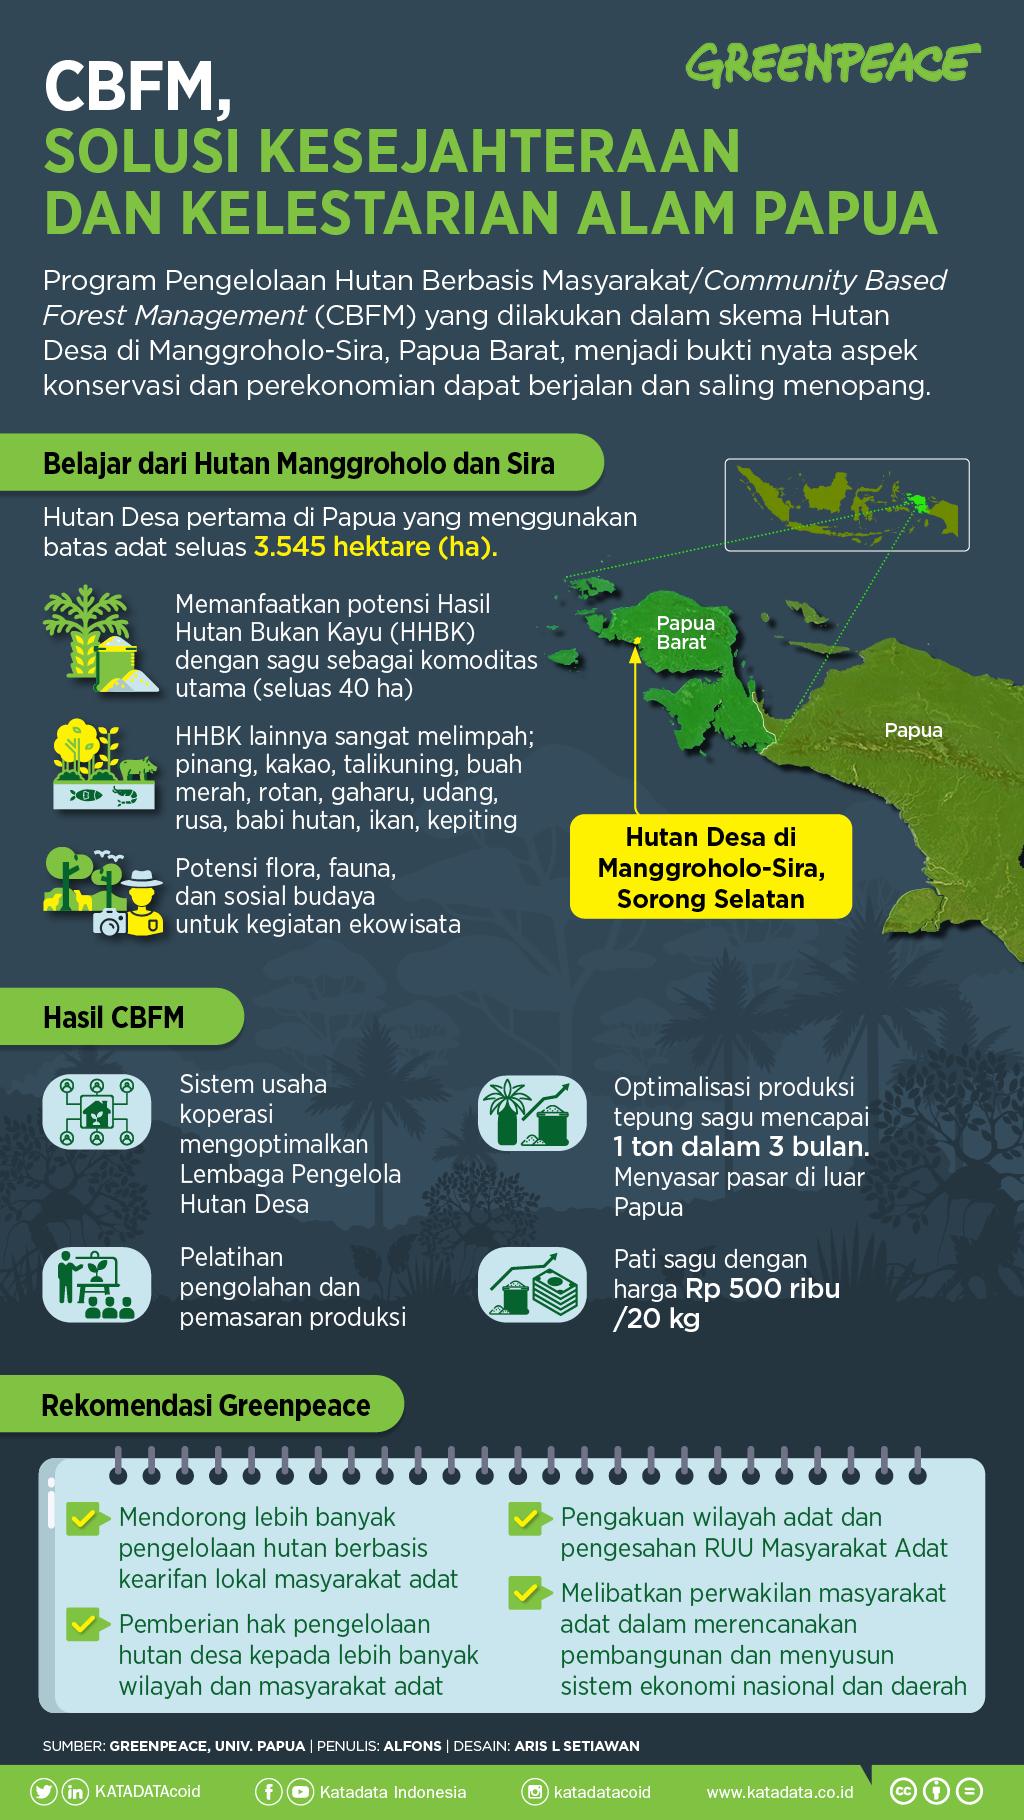 CBFM, Solusi Kesejahteraan dan Kelestarian Alam Papua